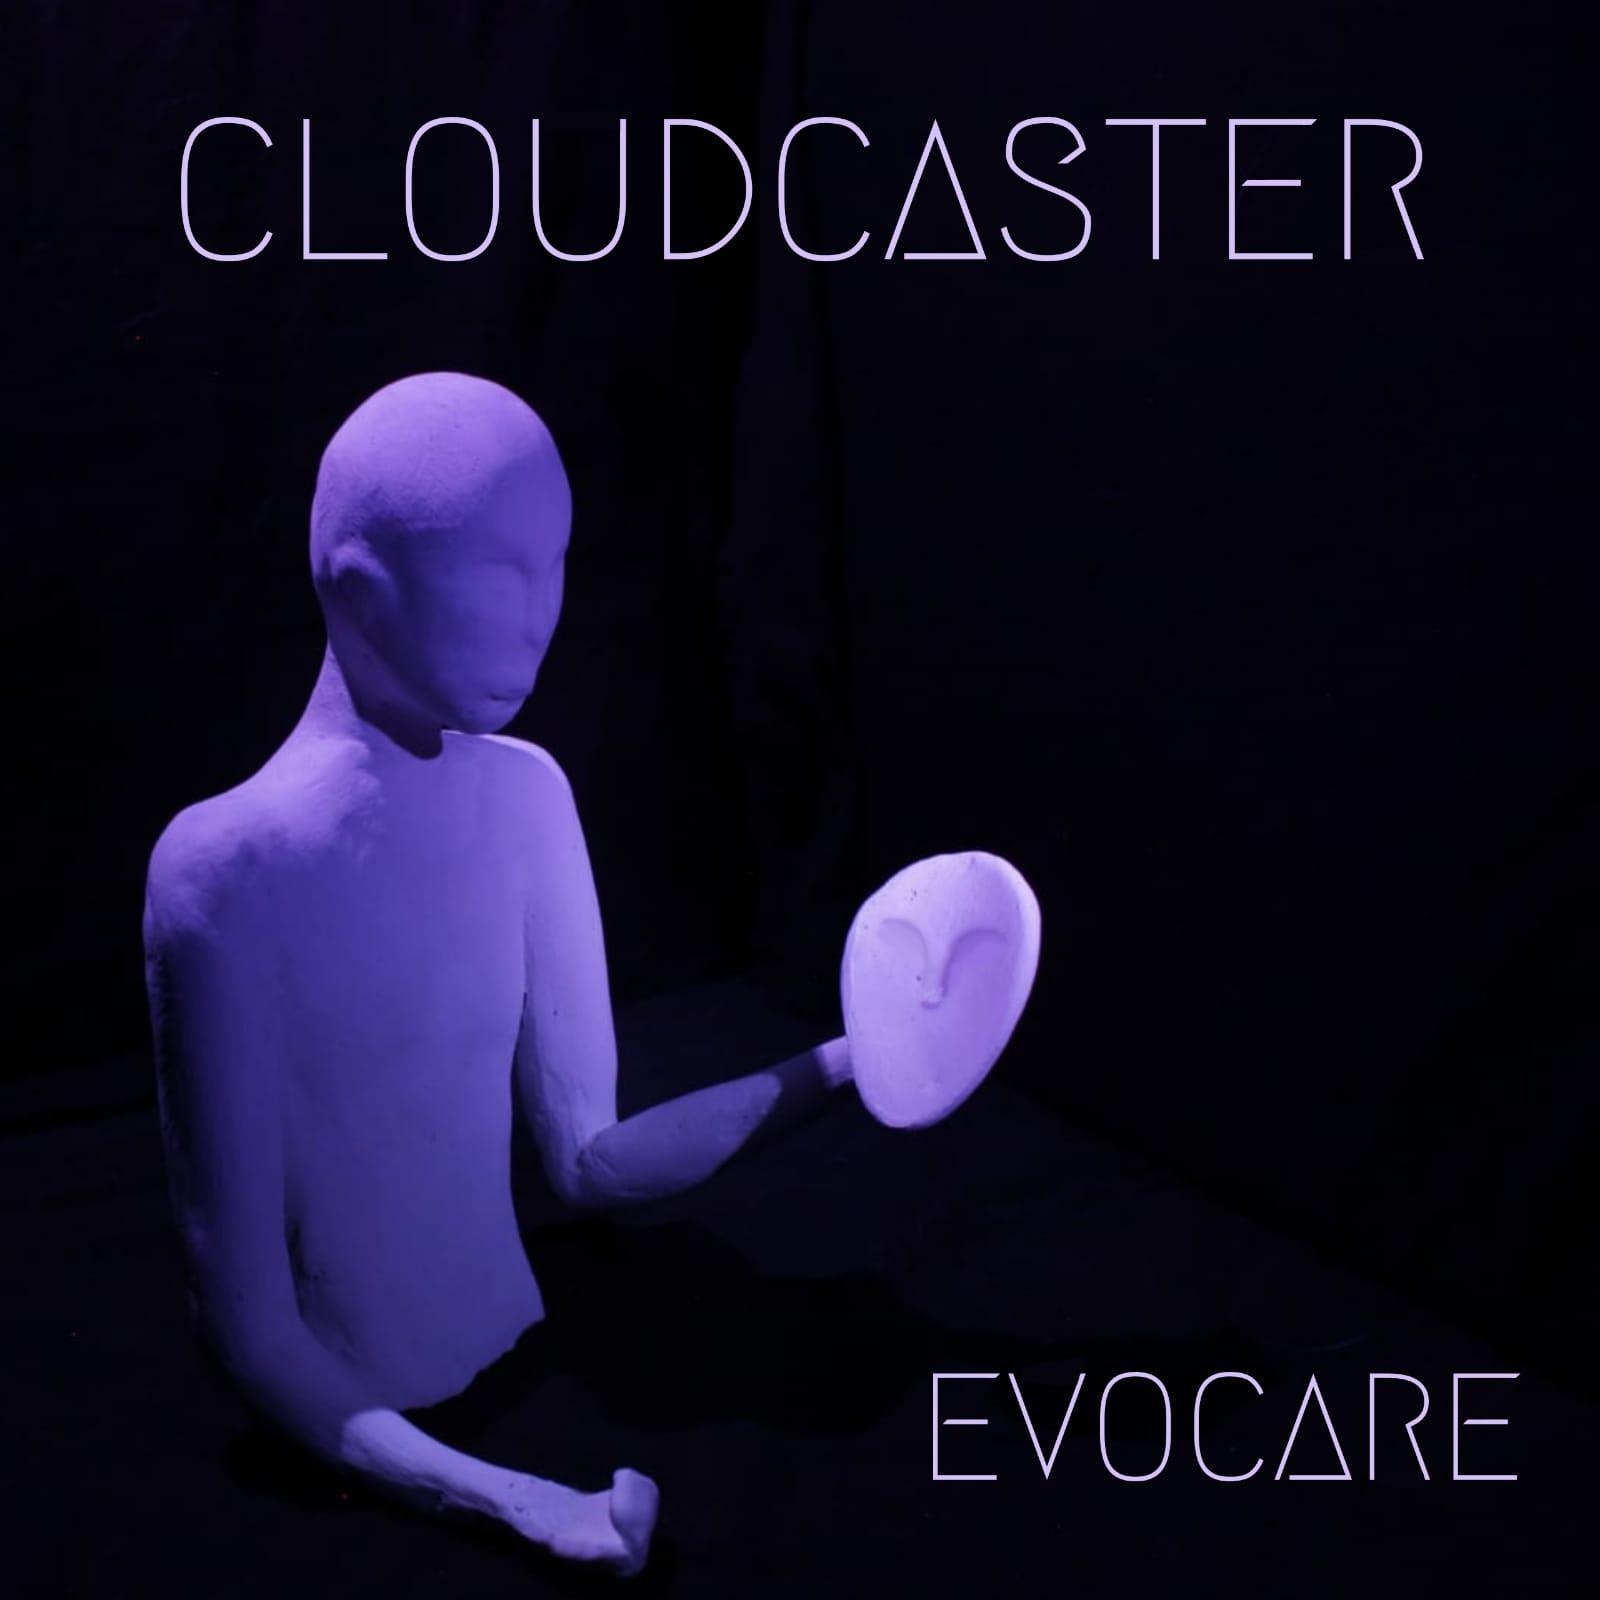 Risultati immagini per cloudcaster evocare